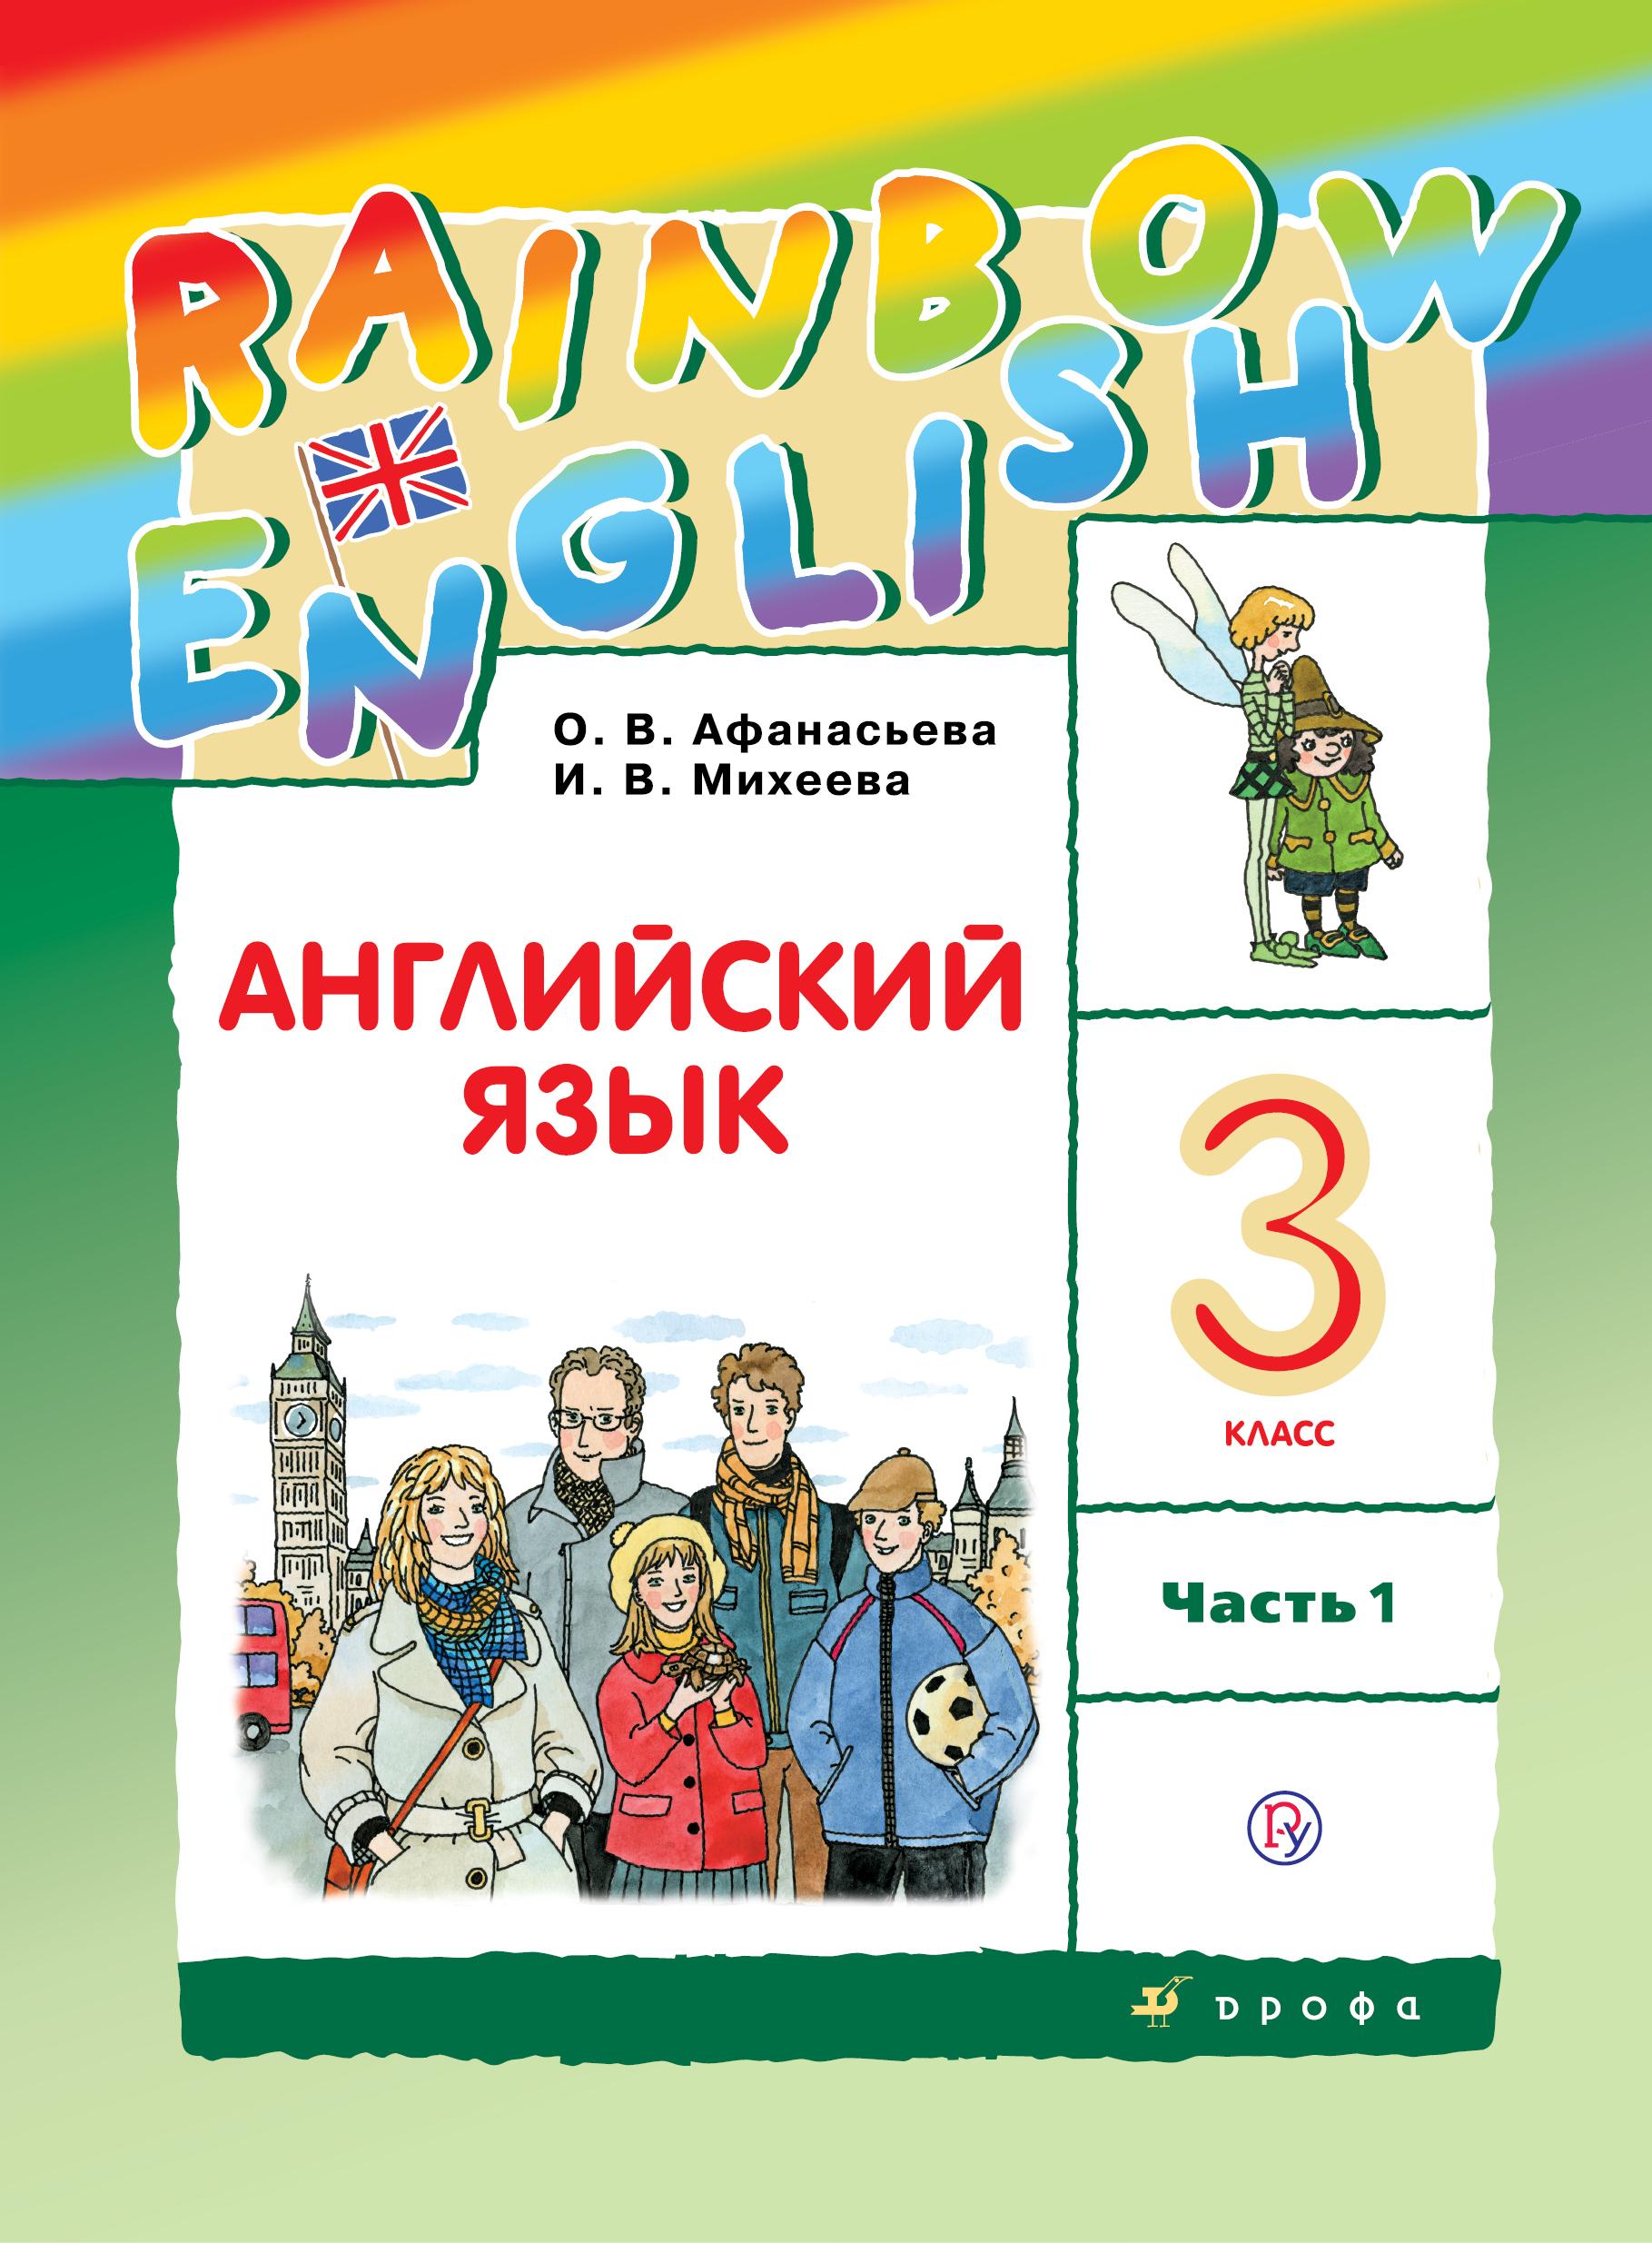 Афанасьева О.В., Михеева И.В. Английский язык. 3 класс. Учебник в 2-х частях. Часть 1